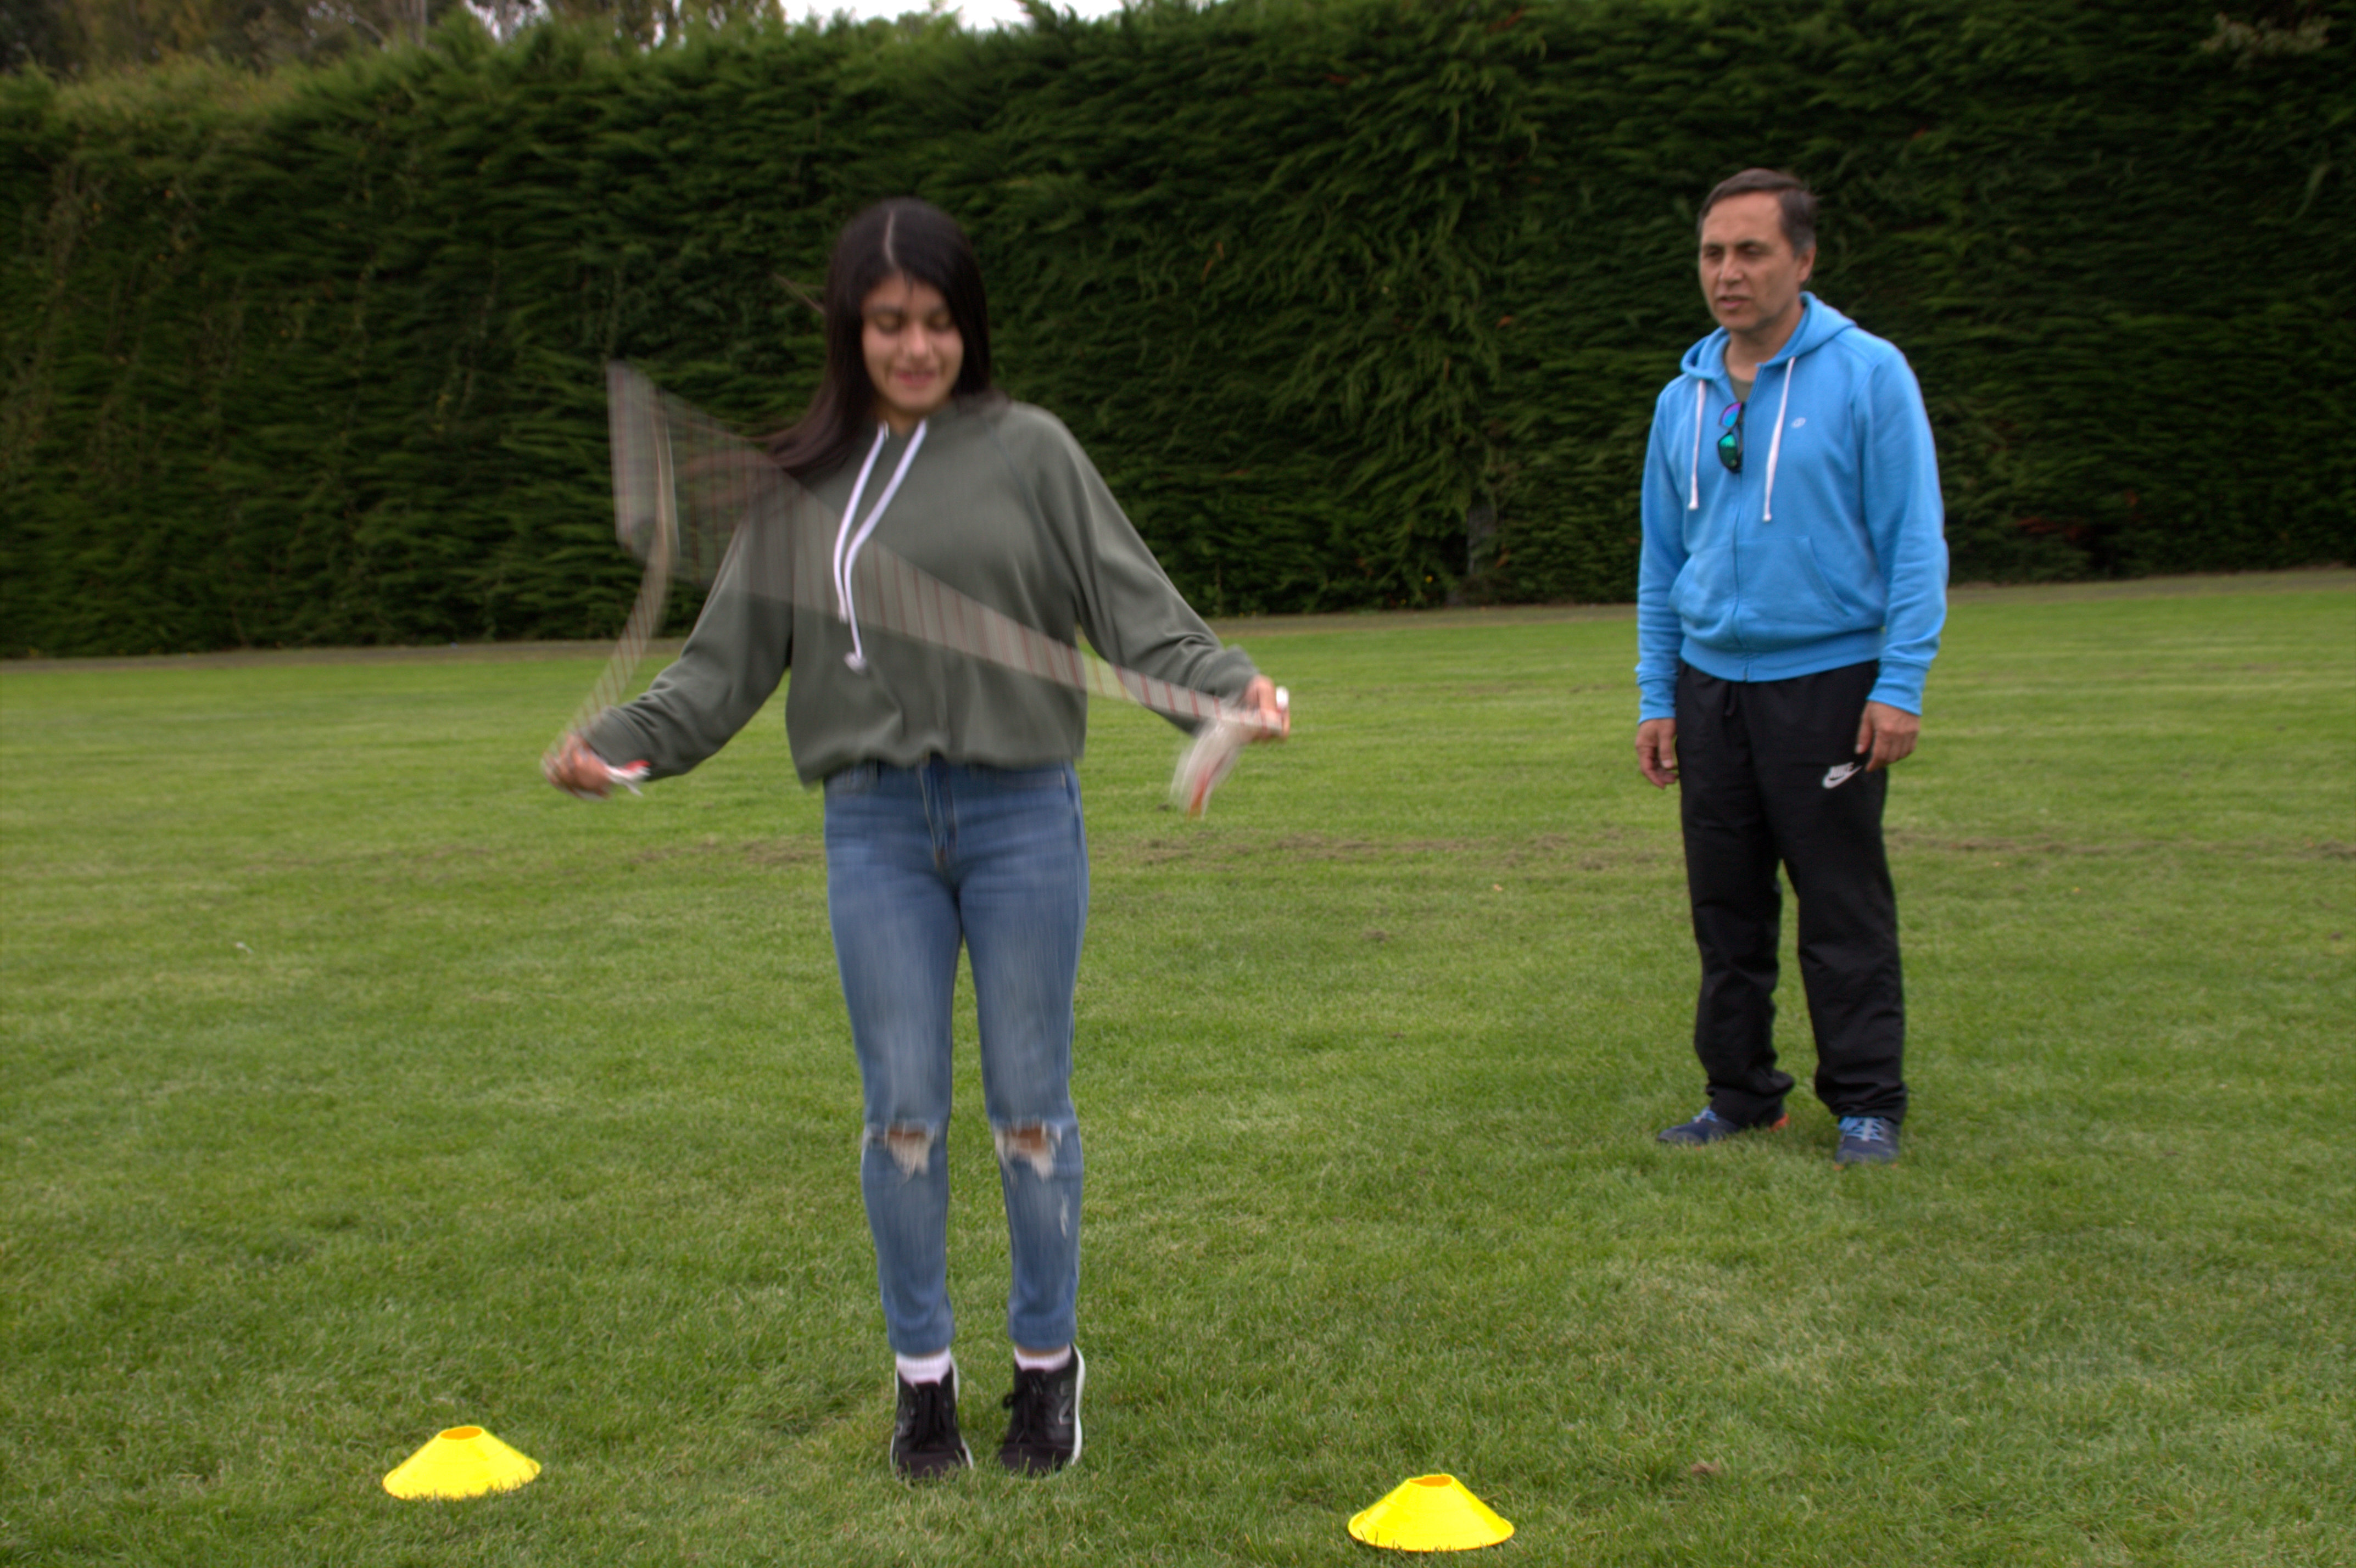 Concurso de  la cuerda ..saltando